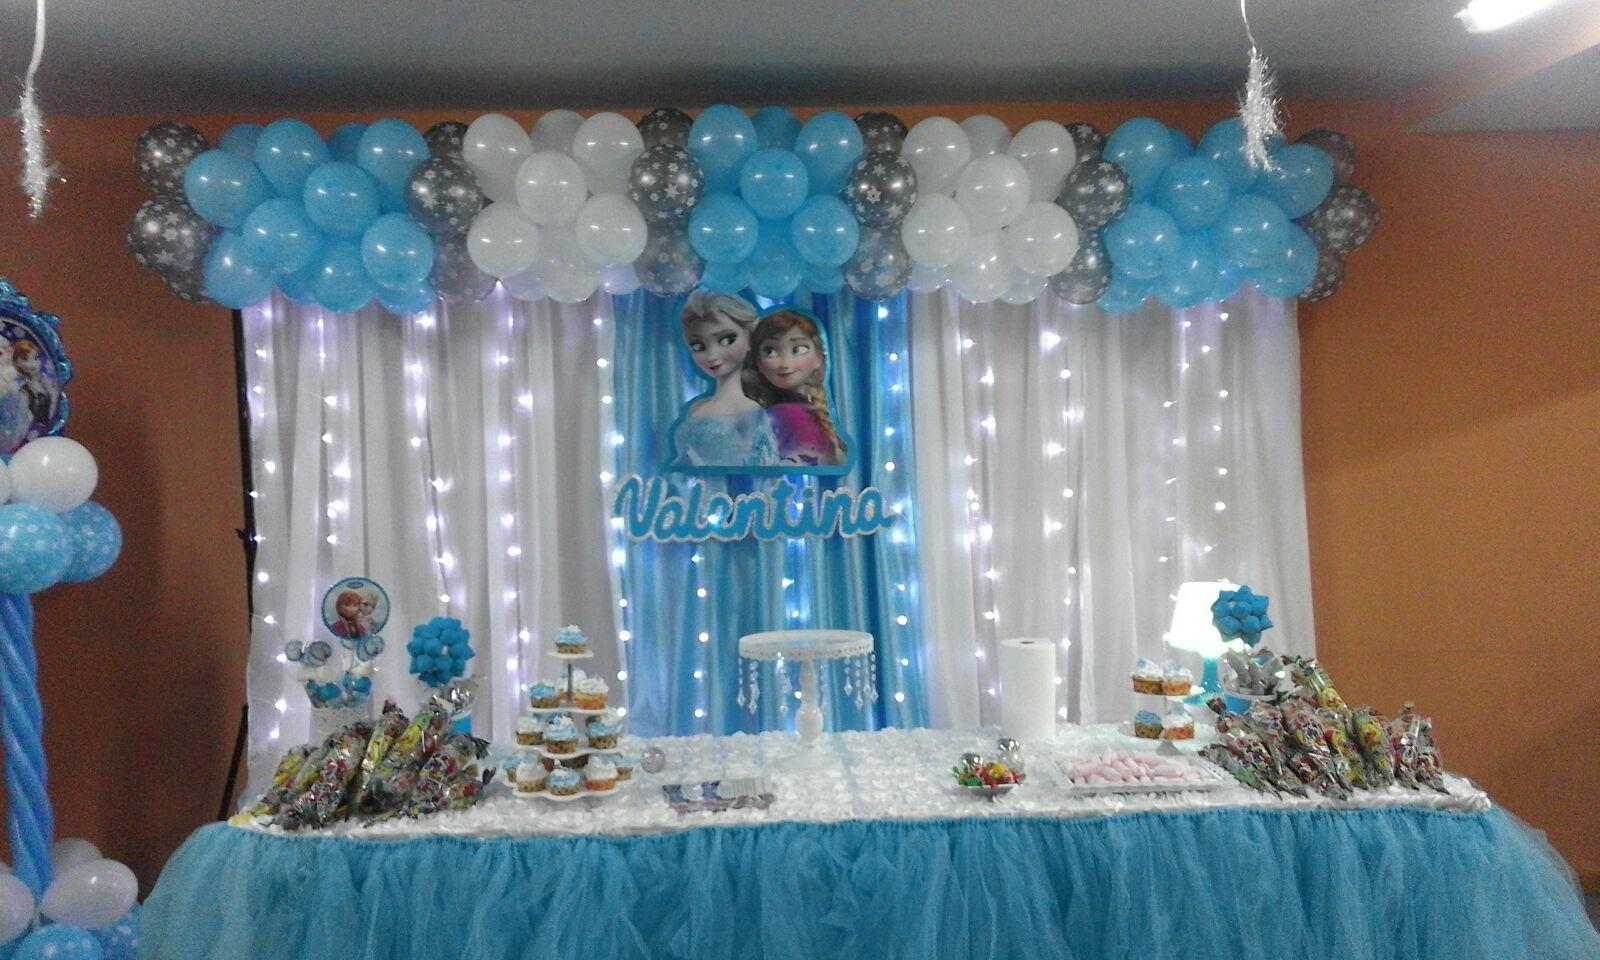 Decoraci n de fiestas de princesas disney elsa anna for Decoracion de princesas